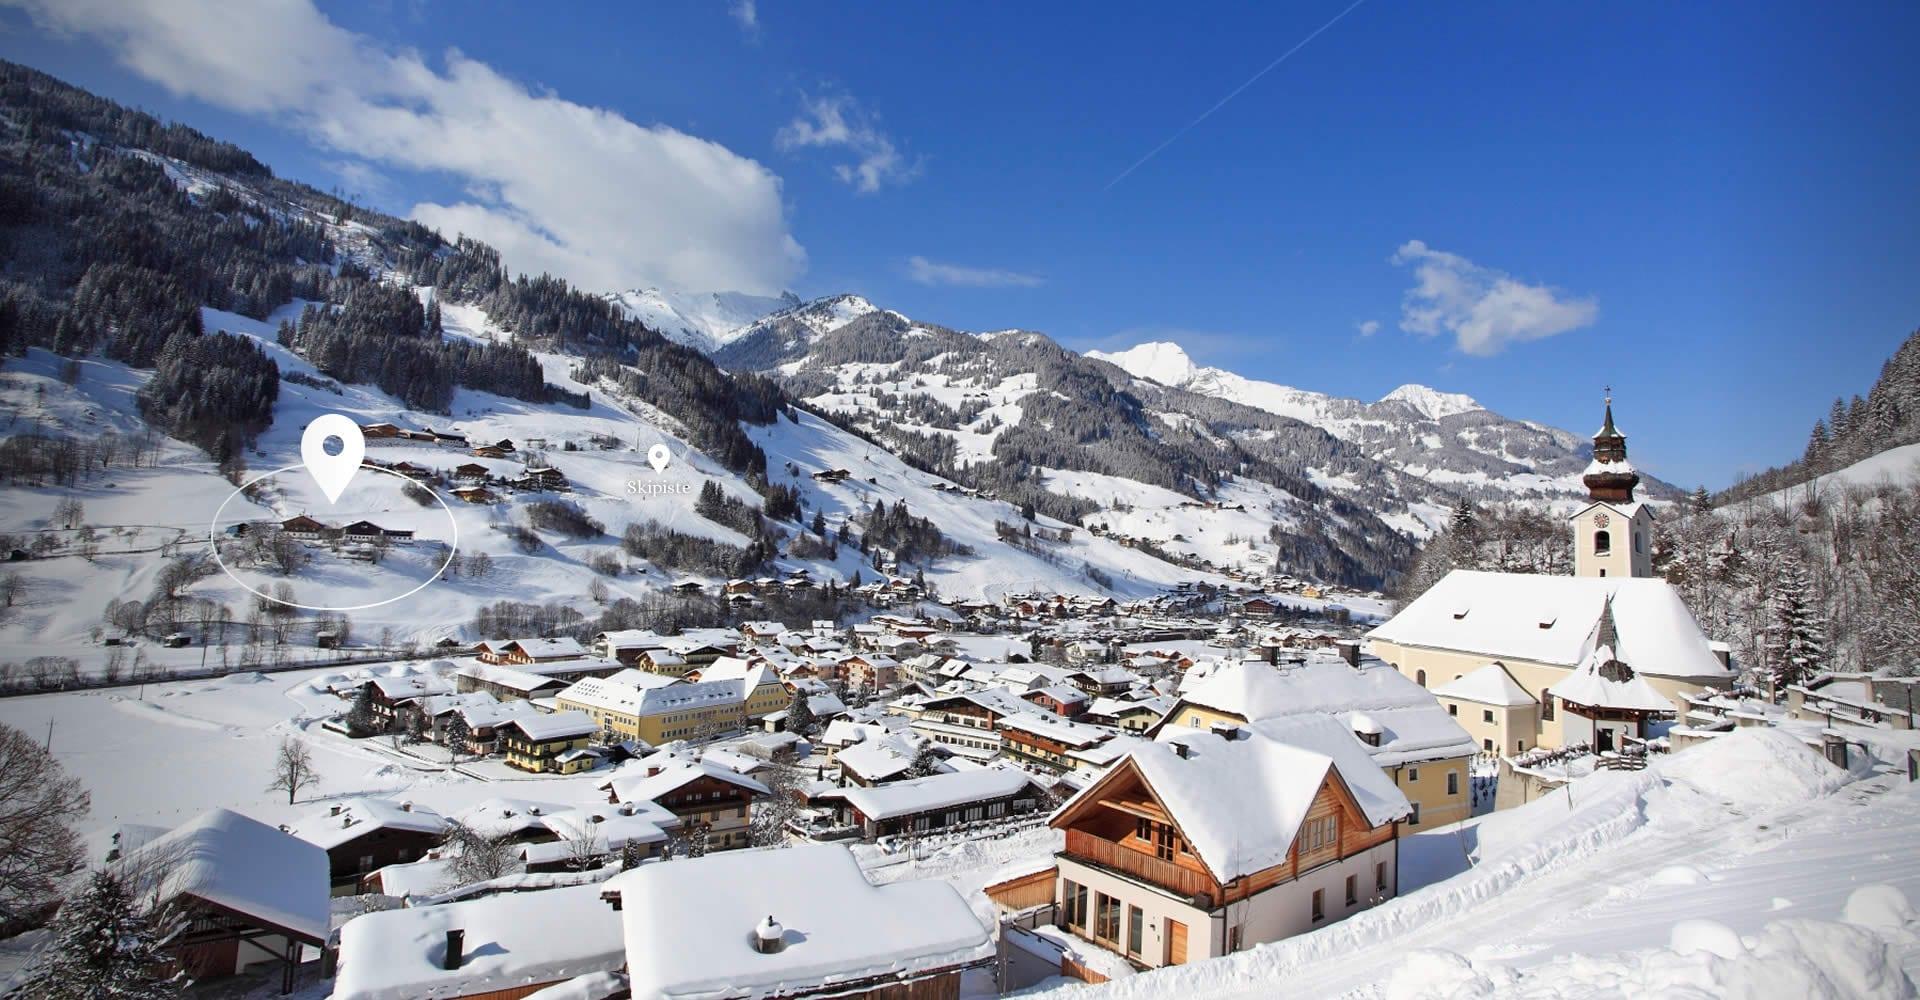 Winterurlaub & Skiurlaub in Großarl - Reitbauernhof